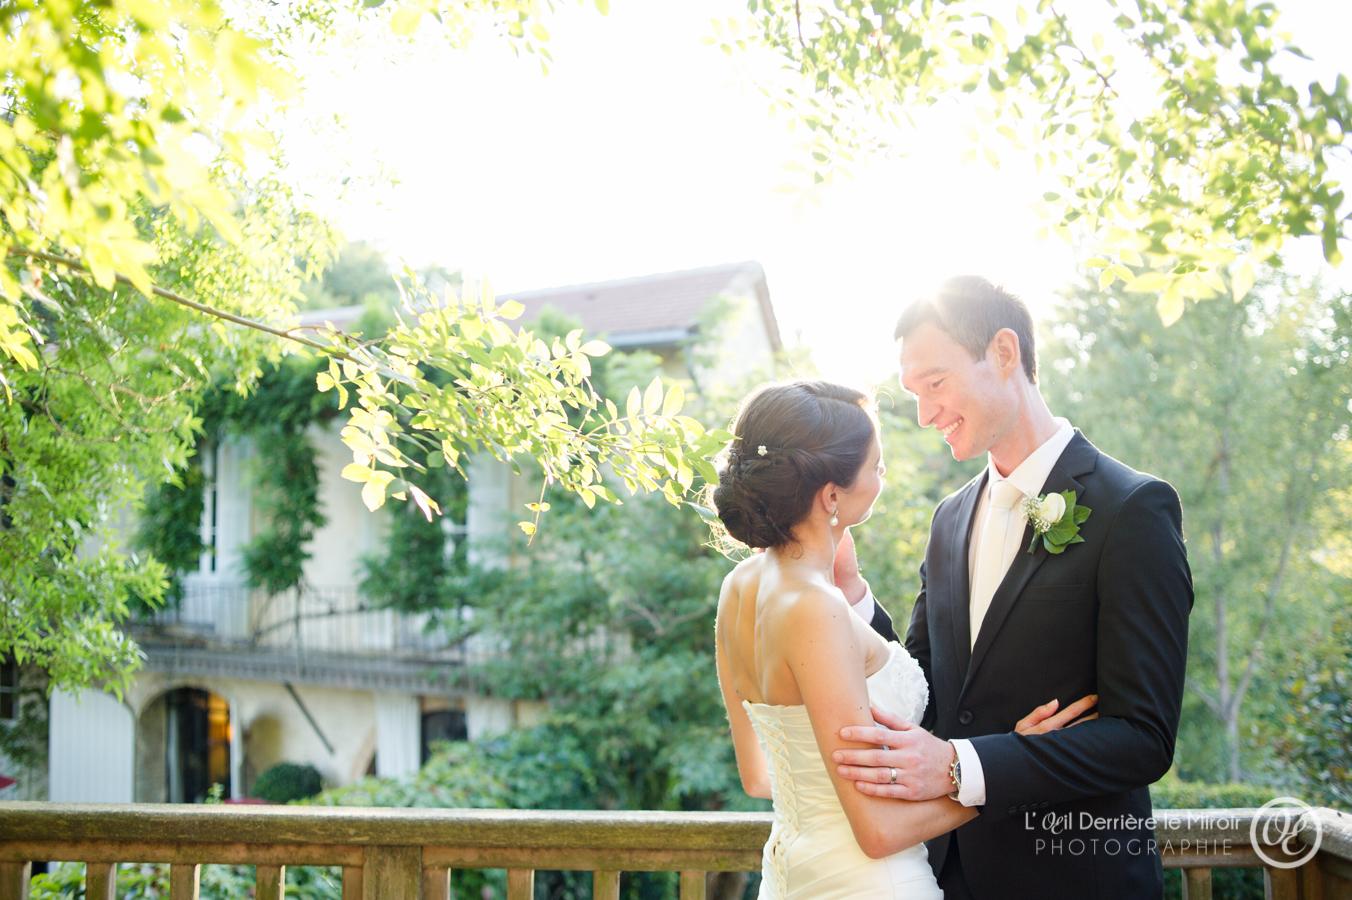 photographe de mariage à villeneuve loubet loeiderrierelemiroir